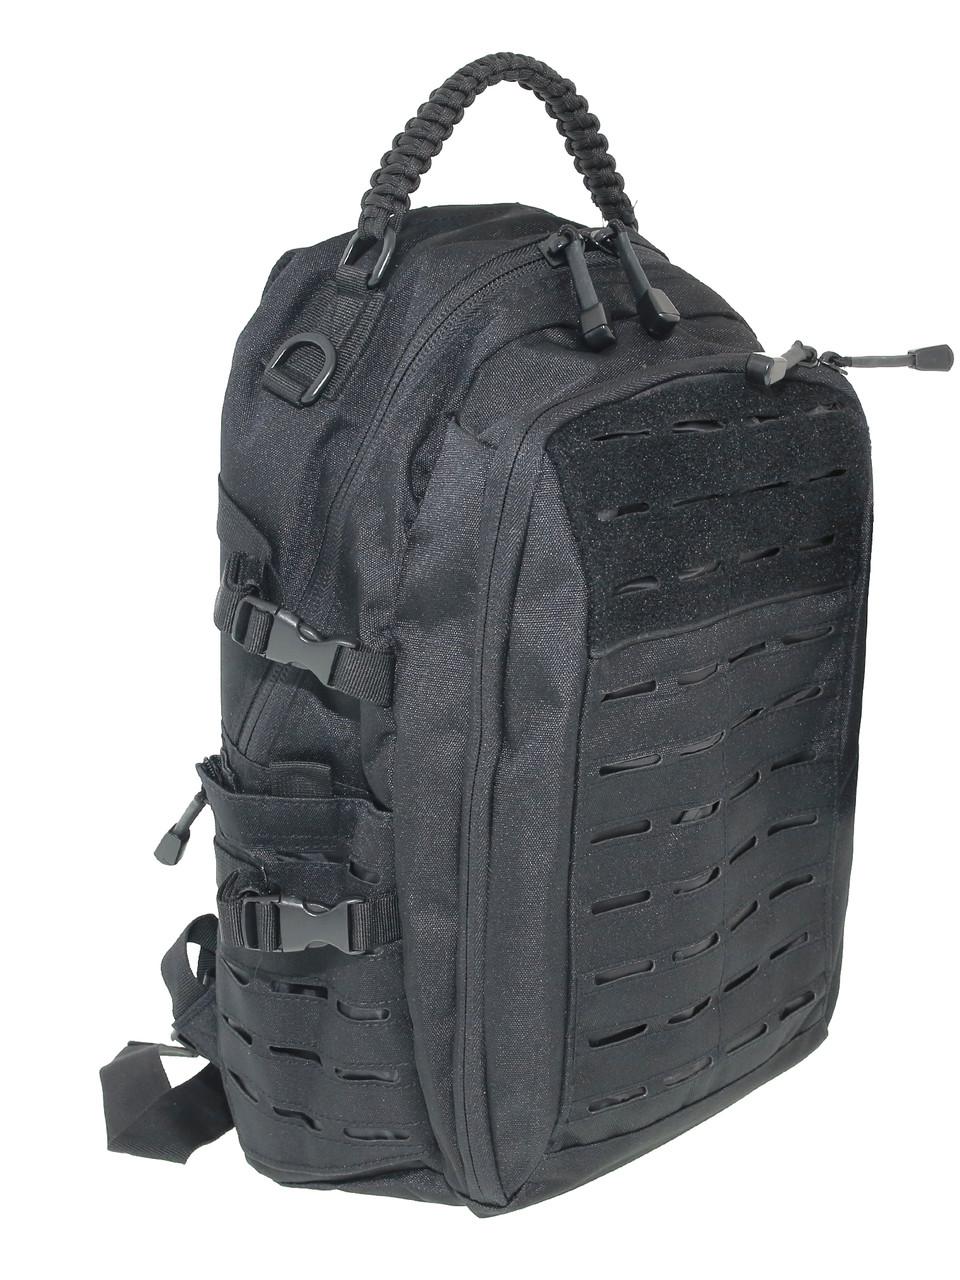 Рюкзак тактический 20 литров черный MIL-TEC Mission Pack Laser Cut, Black 14046002